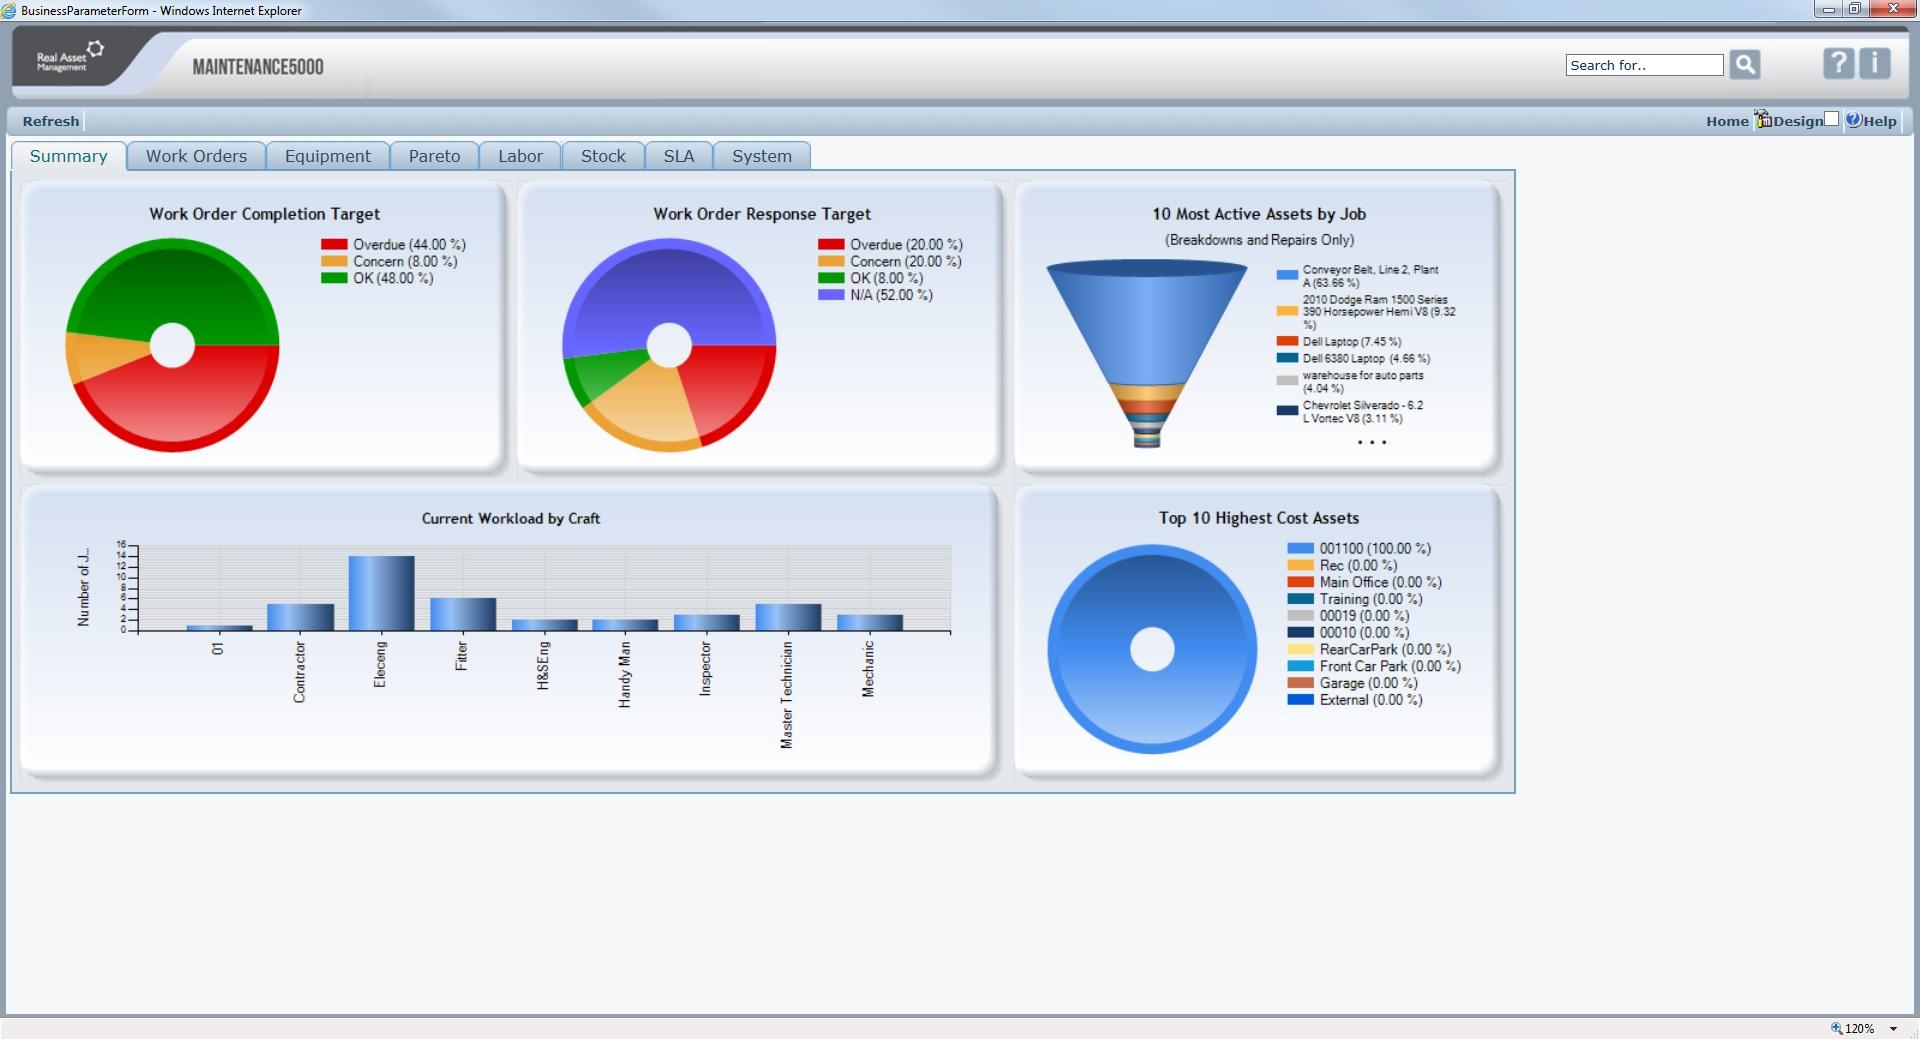 KPI Summary